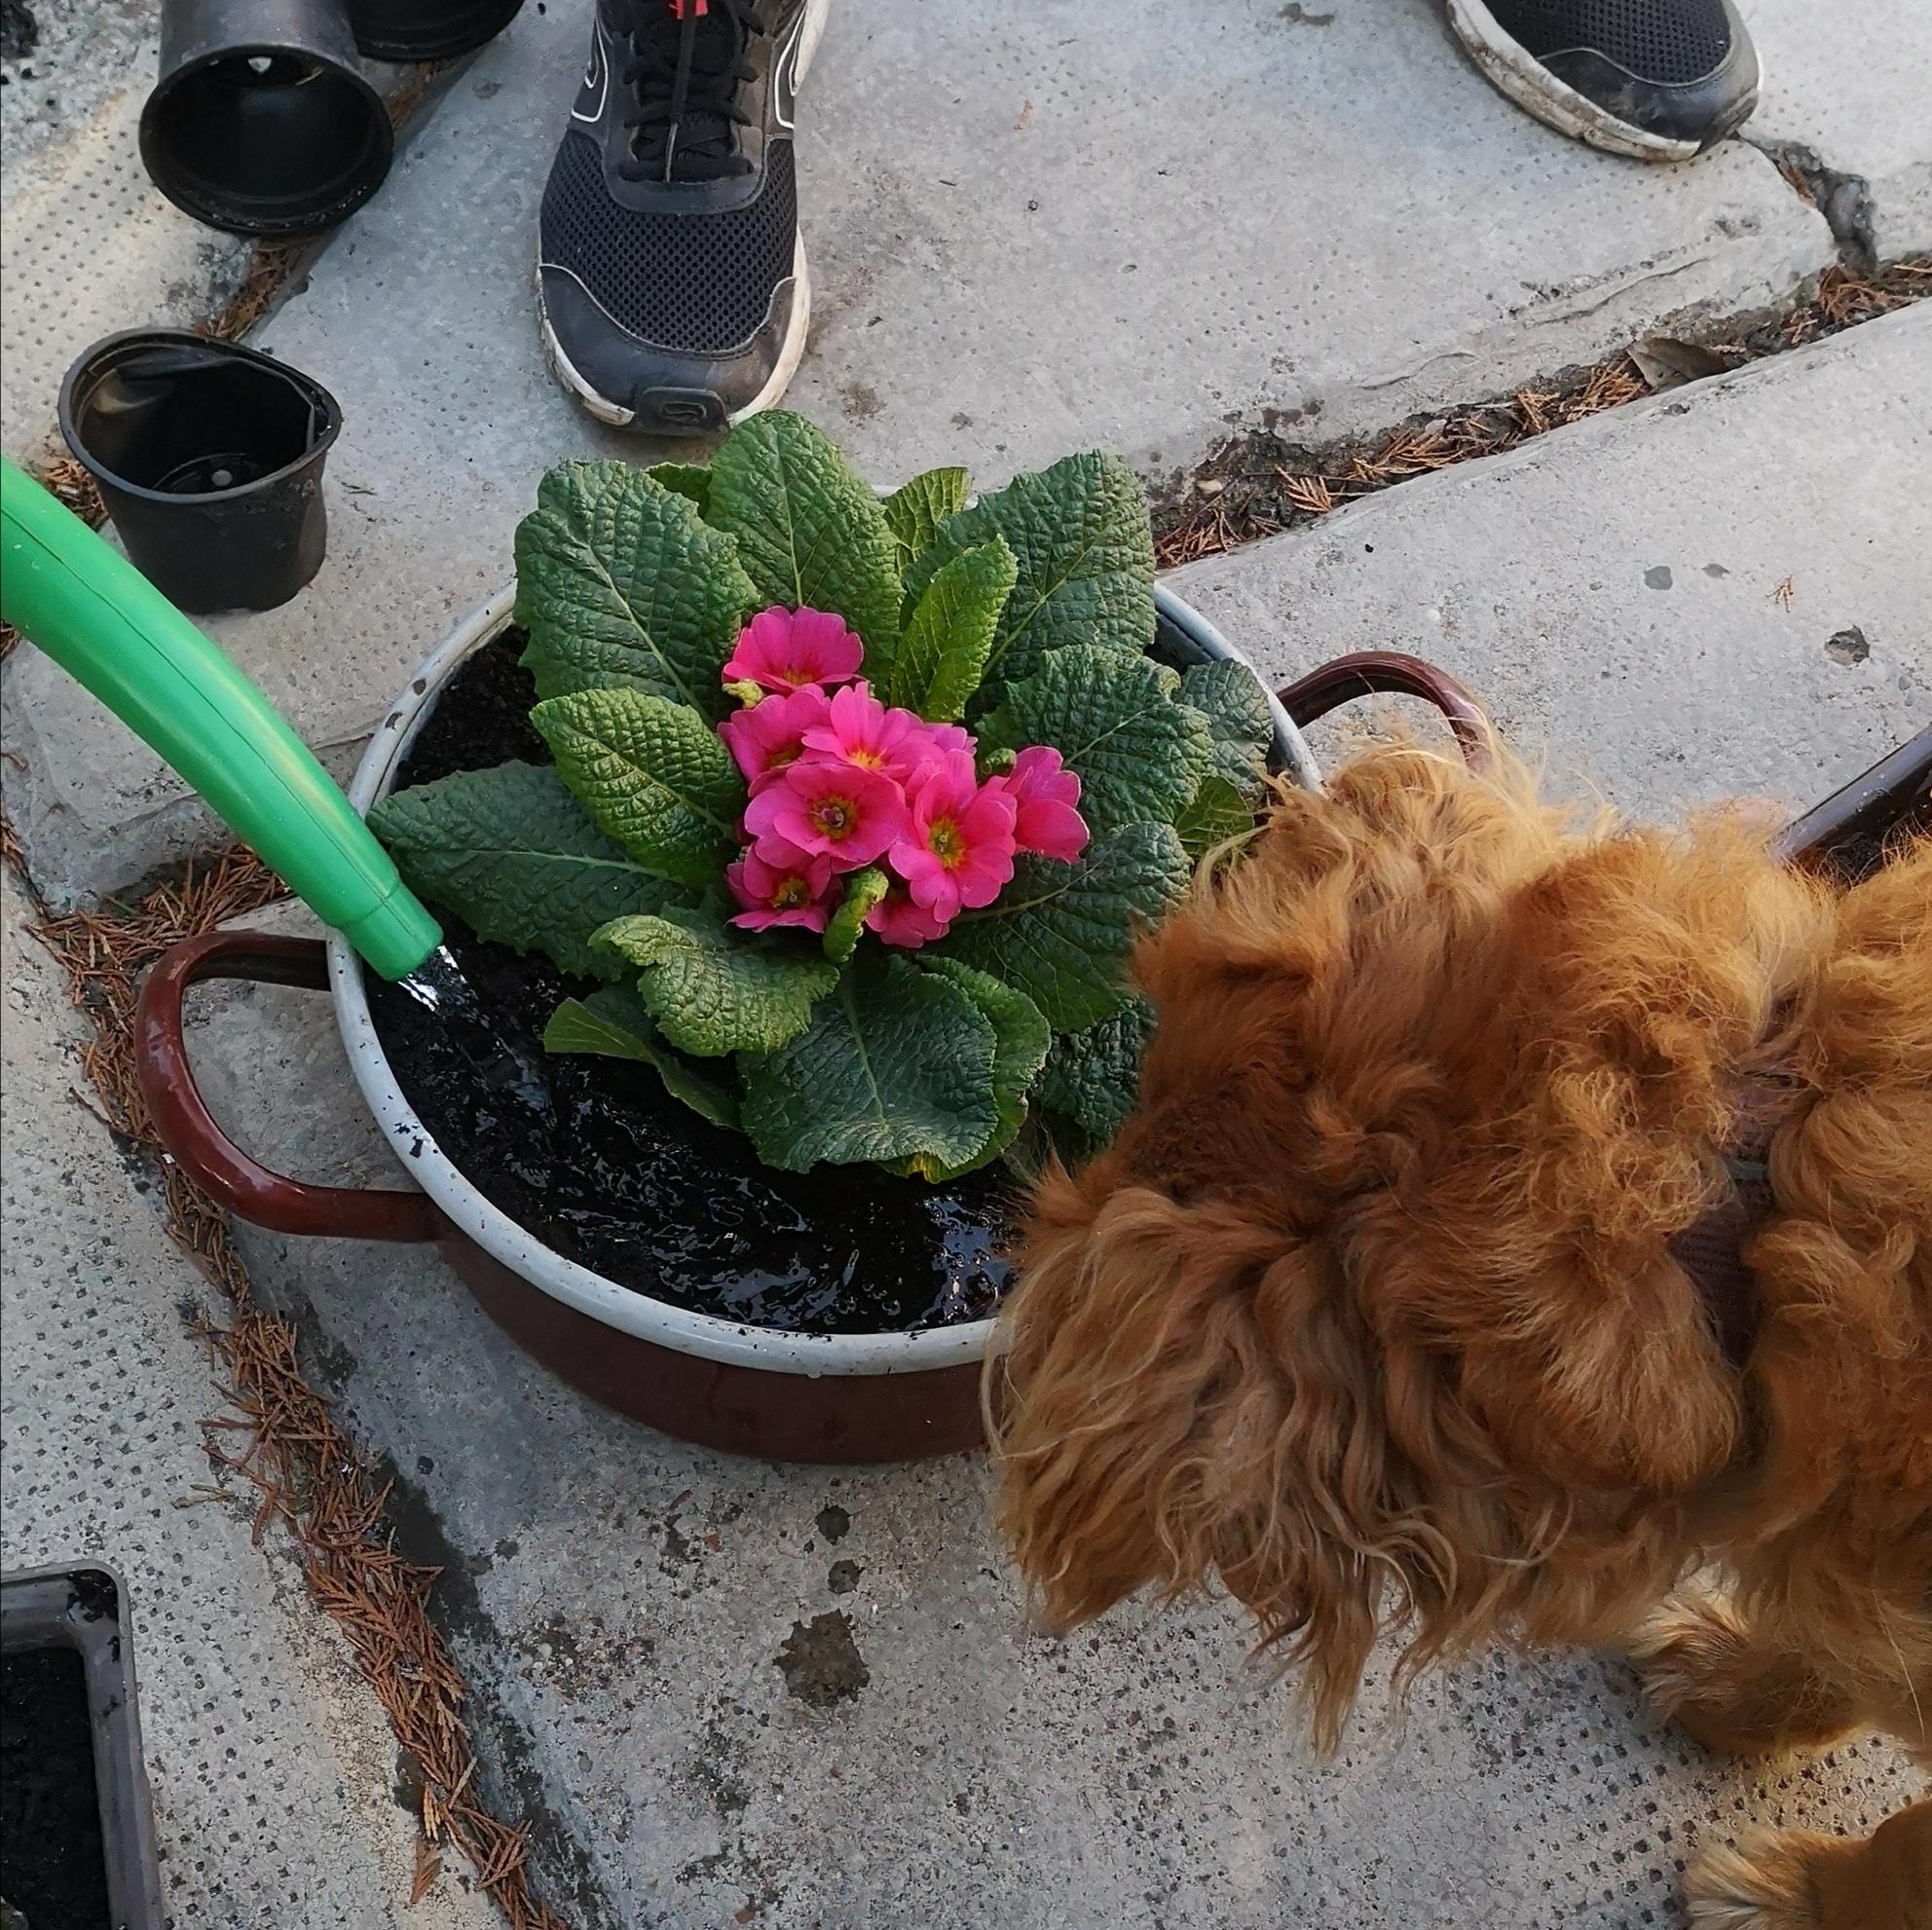 Luca a kertészeti főfelügyelő